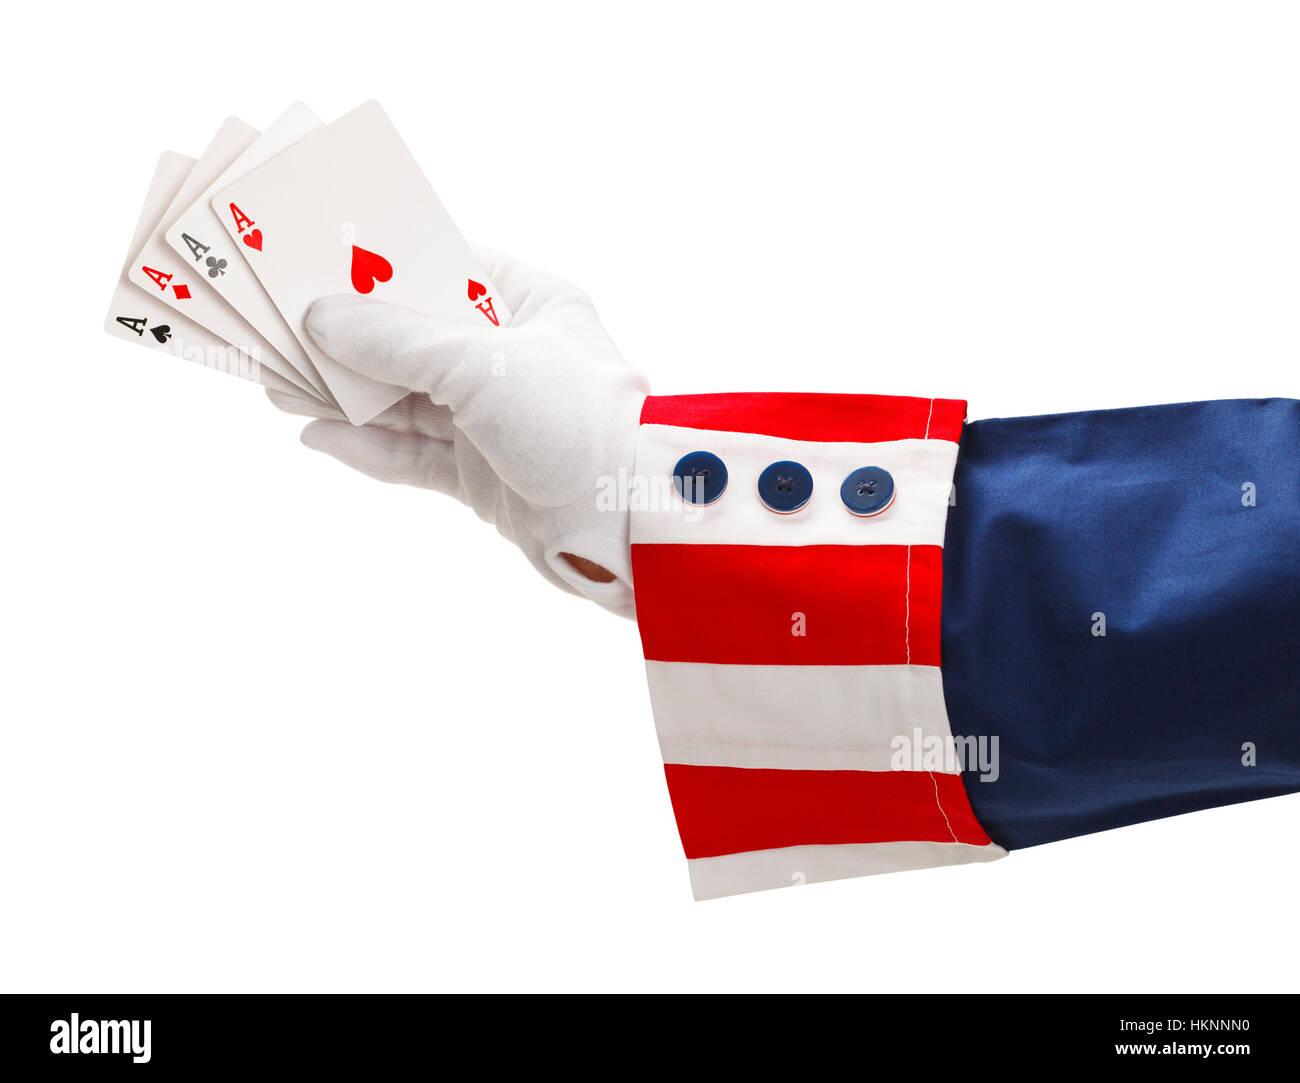 Presidente con cuatro ases en la mano aislado sobre fondo blanco. Imagen De Stock